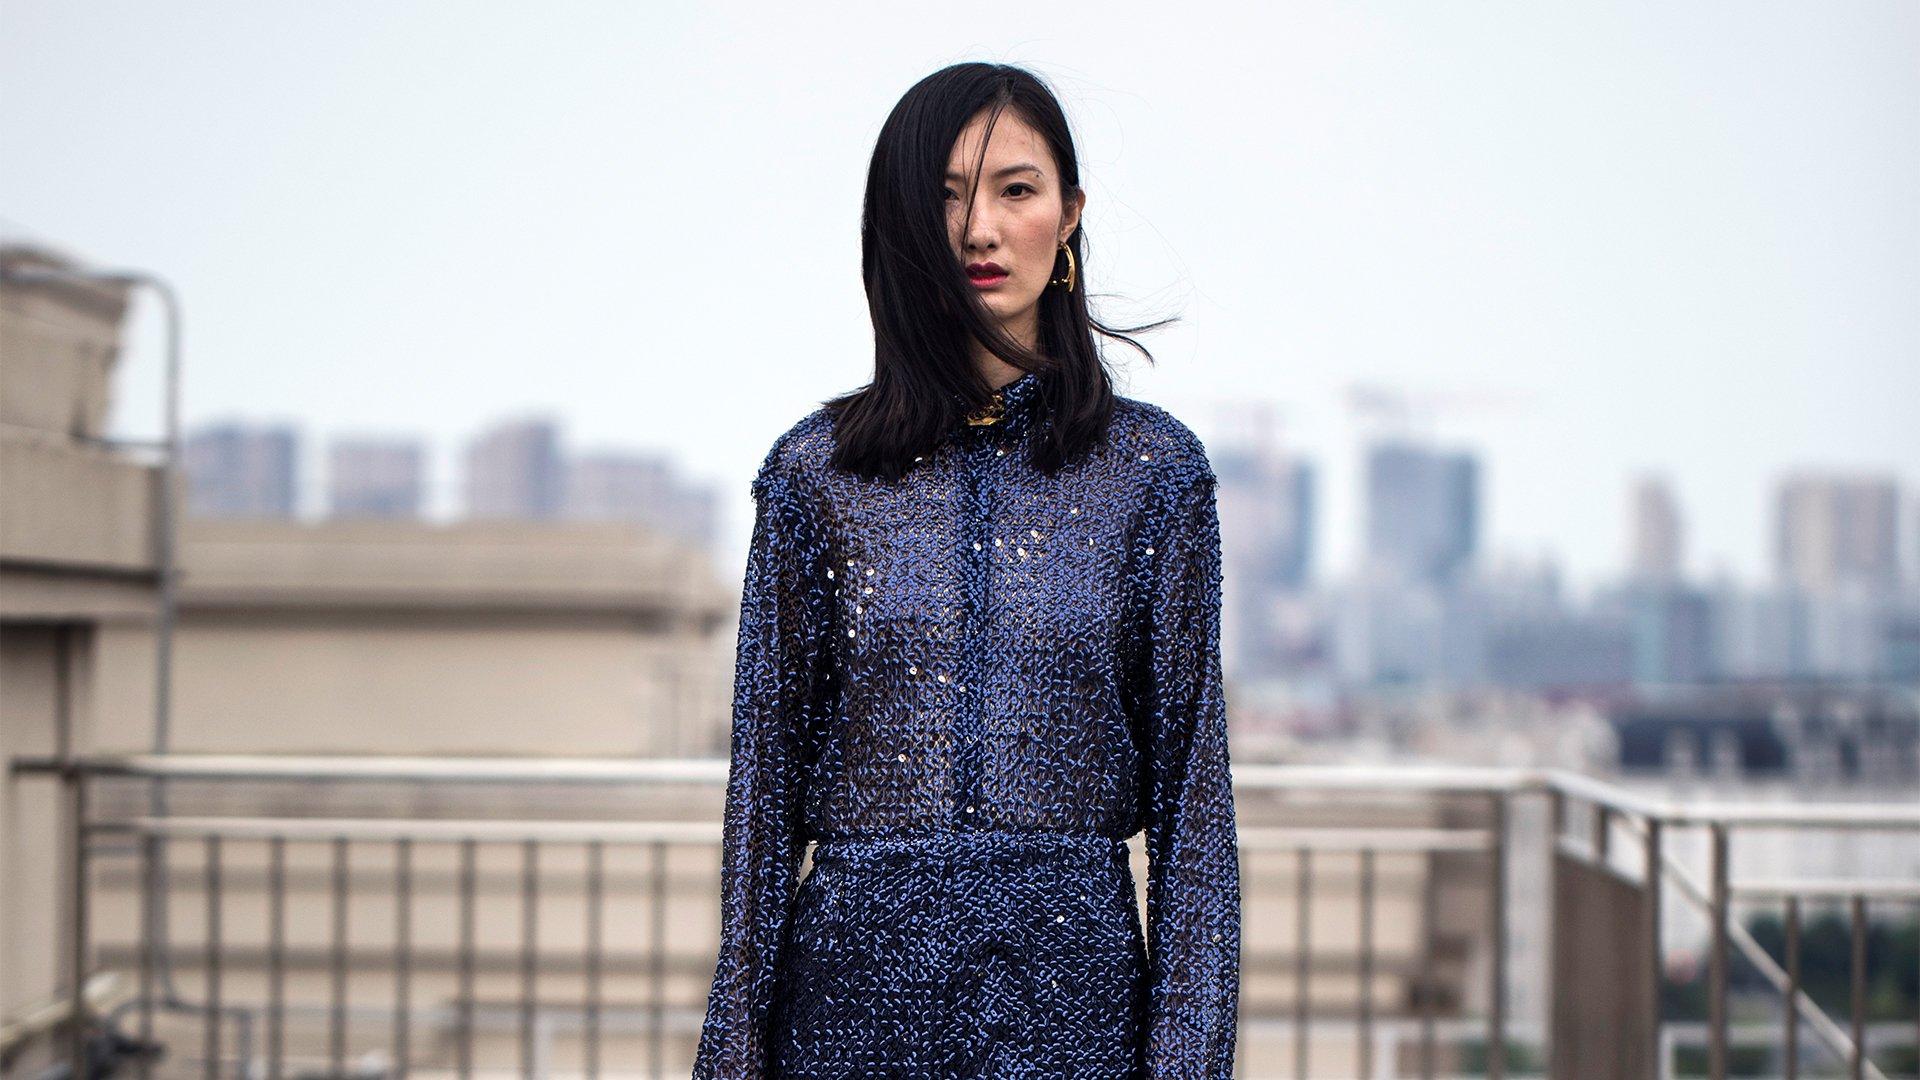 Chinese fashion designer Masha Ma